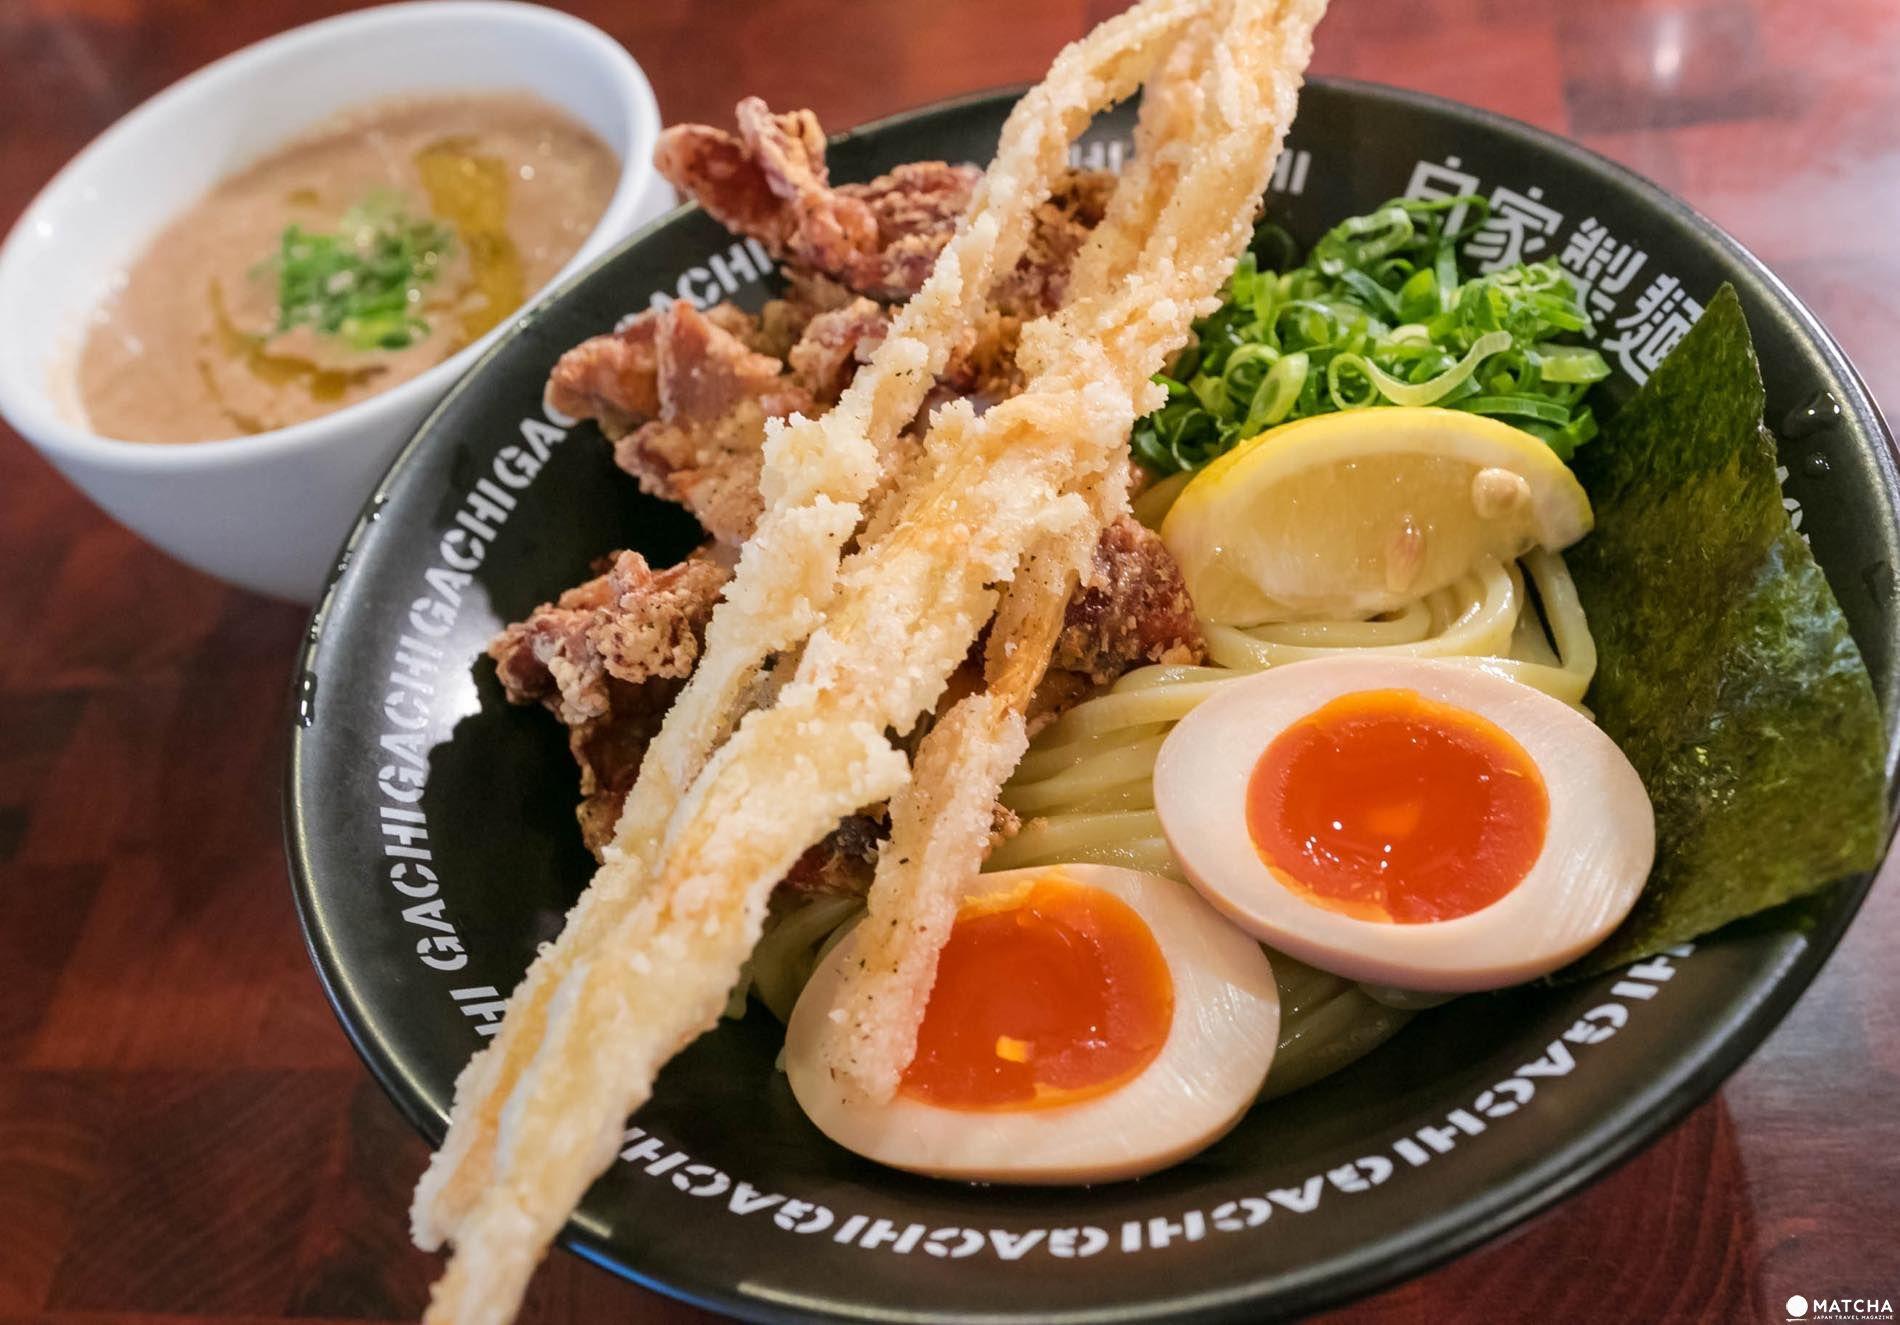 新宿二丁目の人気ラーメン店、二丁目つけめん GACHIのSio DX ¥990。濃厚な鶏白湯スープと自家製太麺の相性が抜群で旨い。